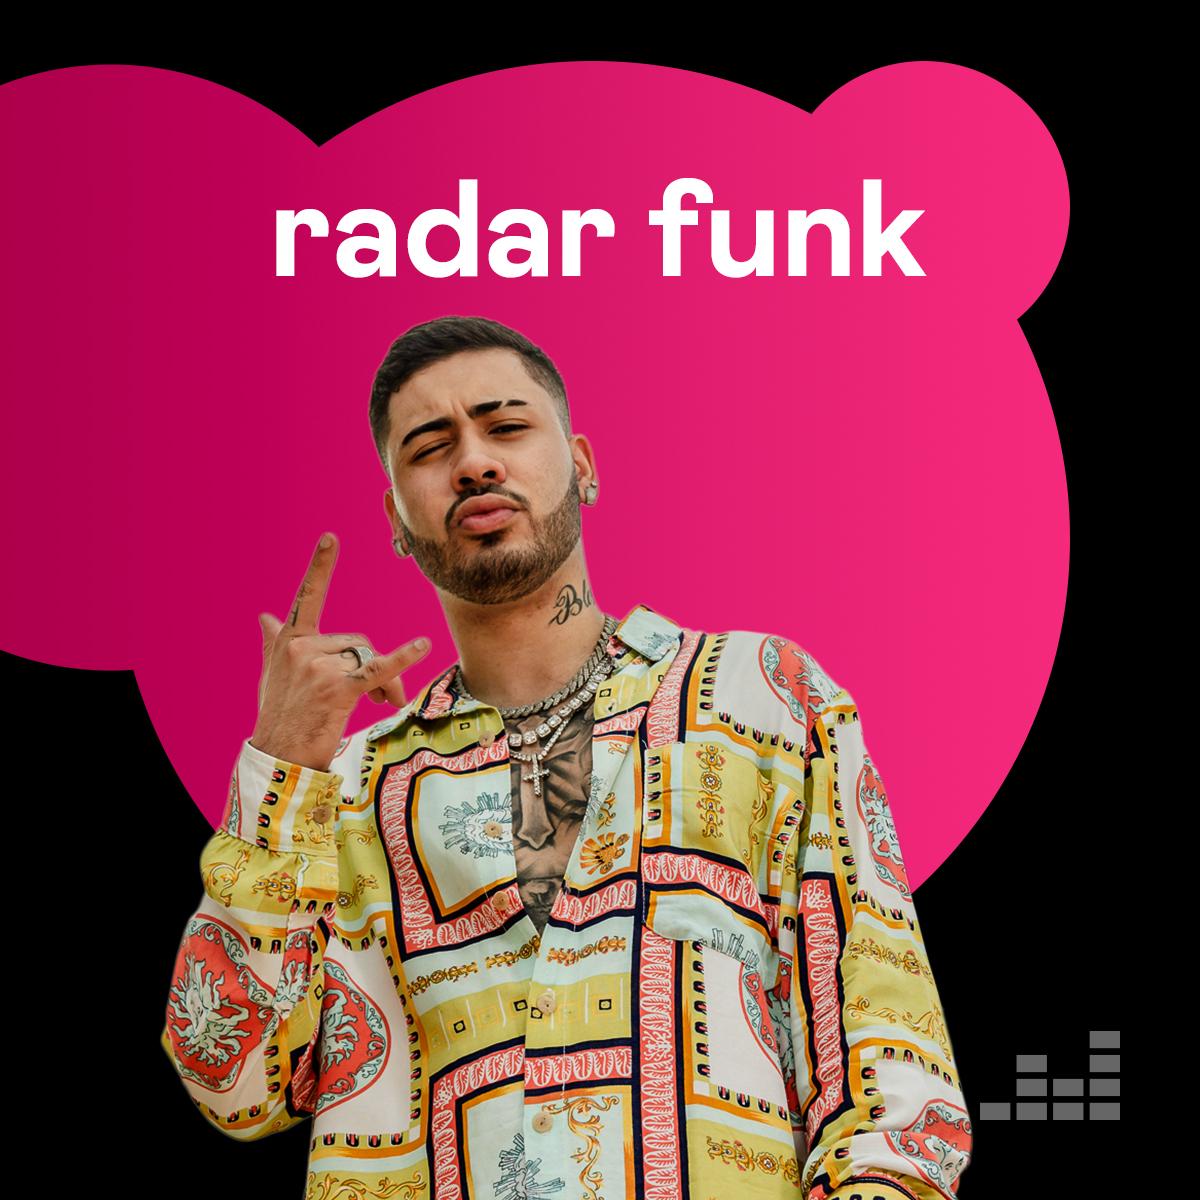 """Meus amores, vem ouvir minha música nova #TeGusta na playlist """"Radar Funk"""" da @DeezerBR! é só clicar"""